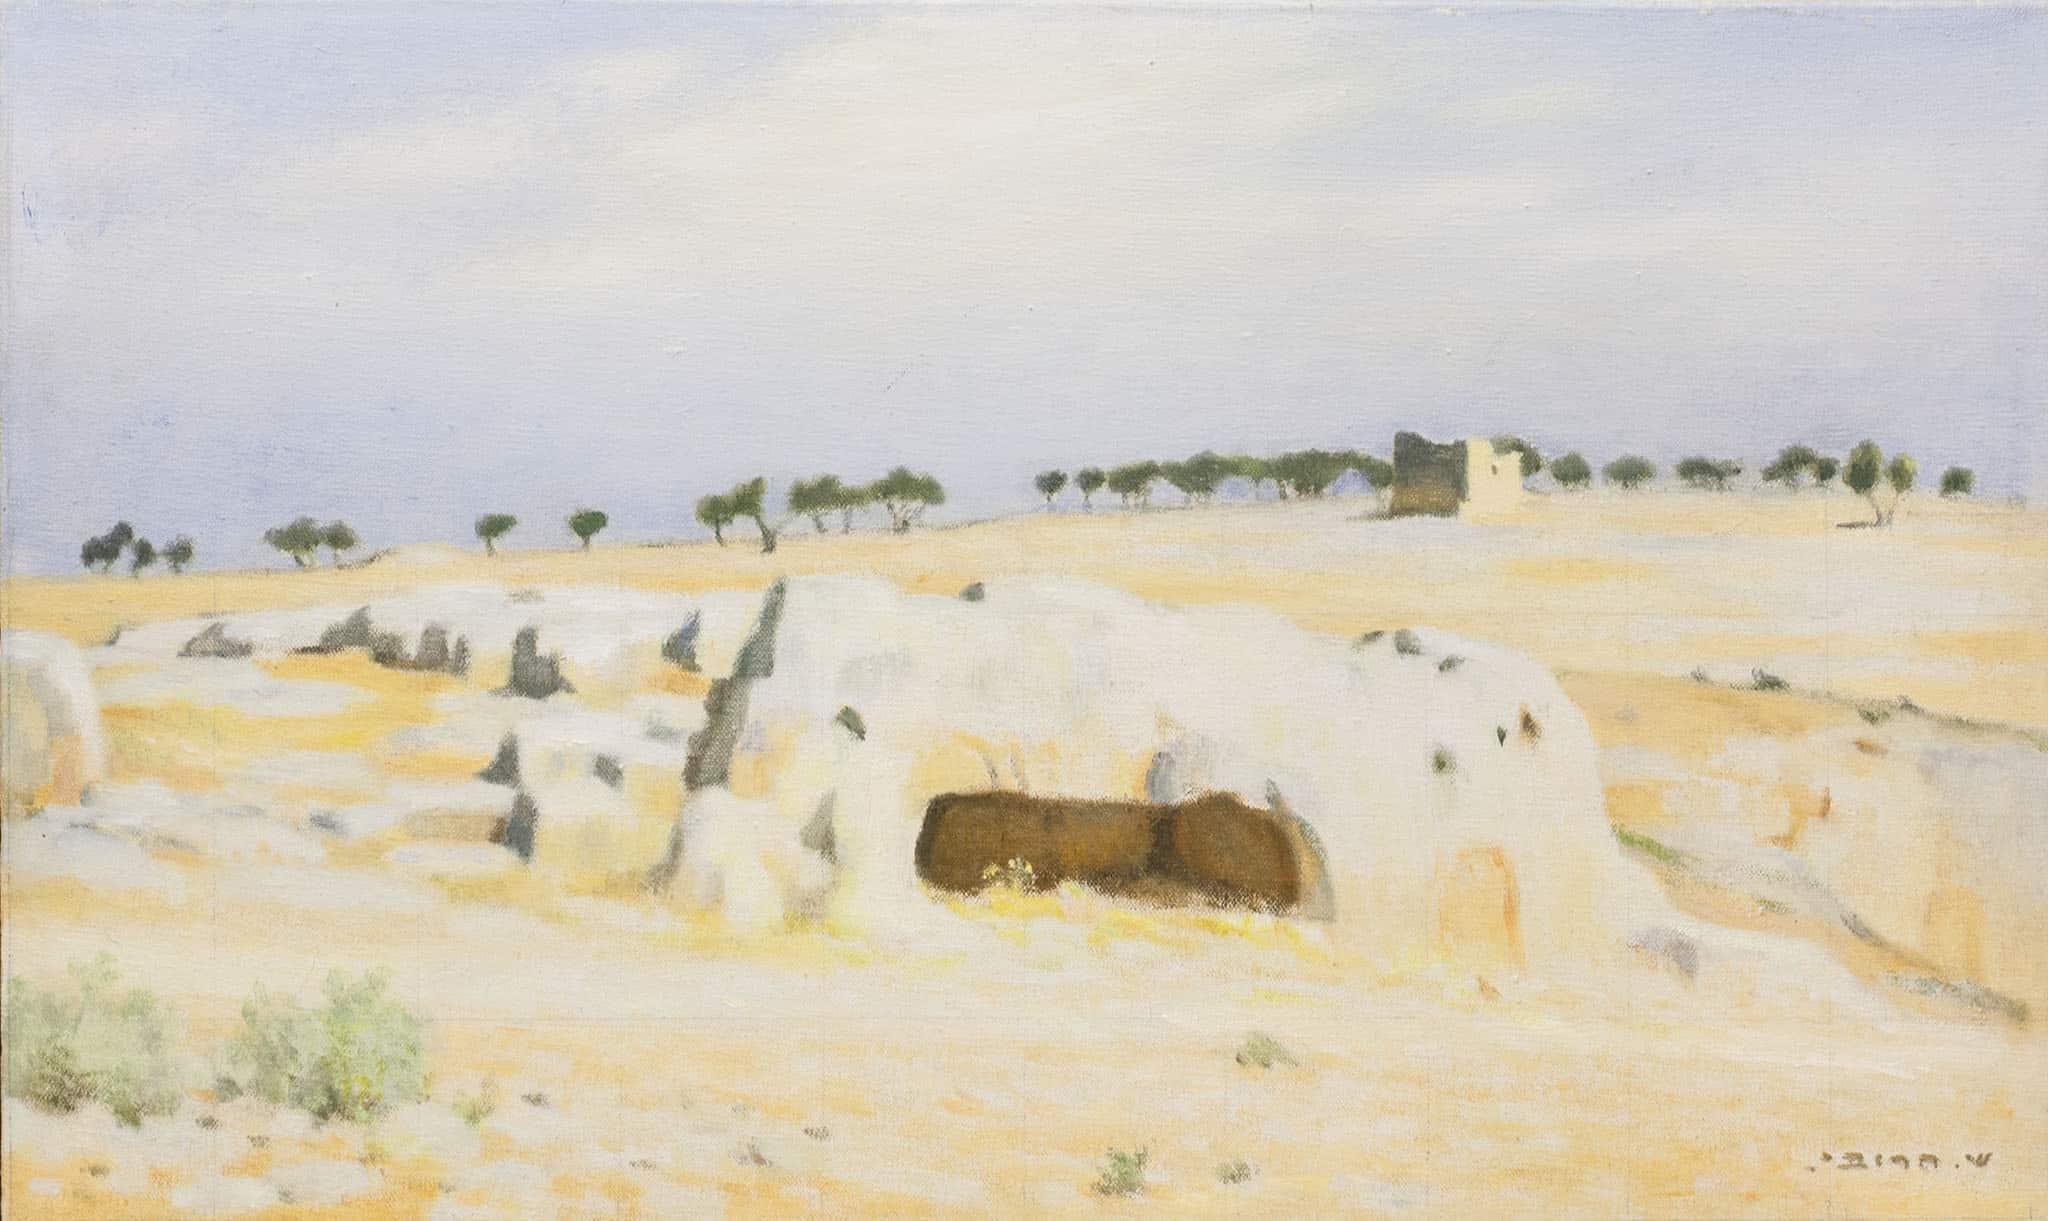 """שמואל חרובי, """"מערת קברי המלכים"""", 1928, שמן על בד, 57x34 ס""""מ"""